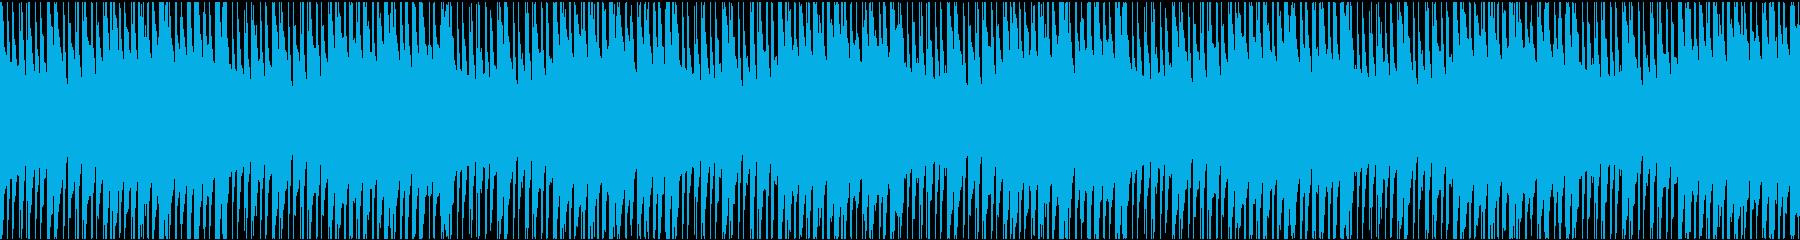 企業PR_ウクレレ_メインメロ無Loopの再生済みの波形